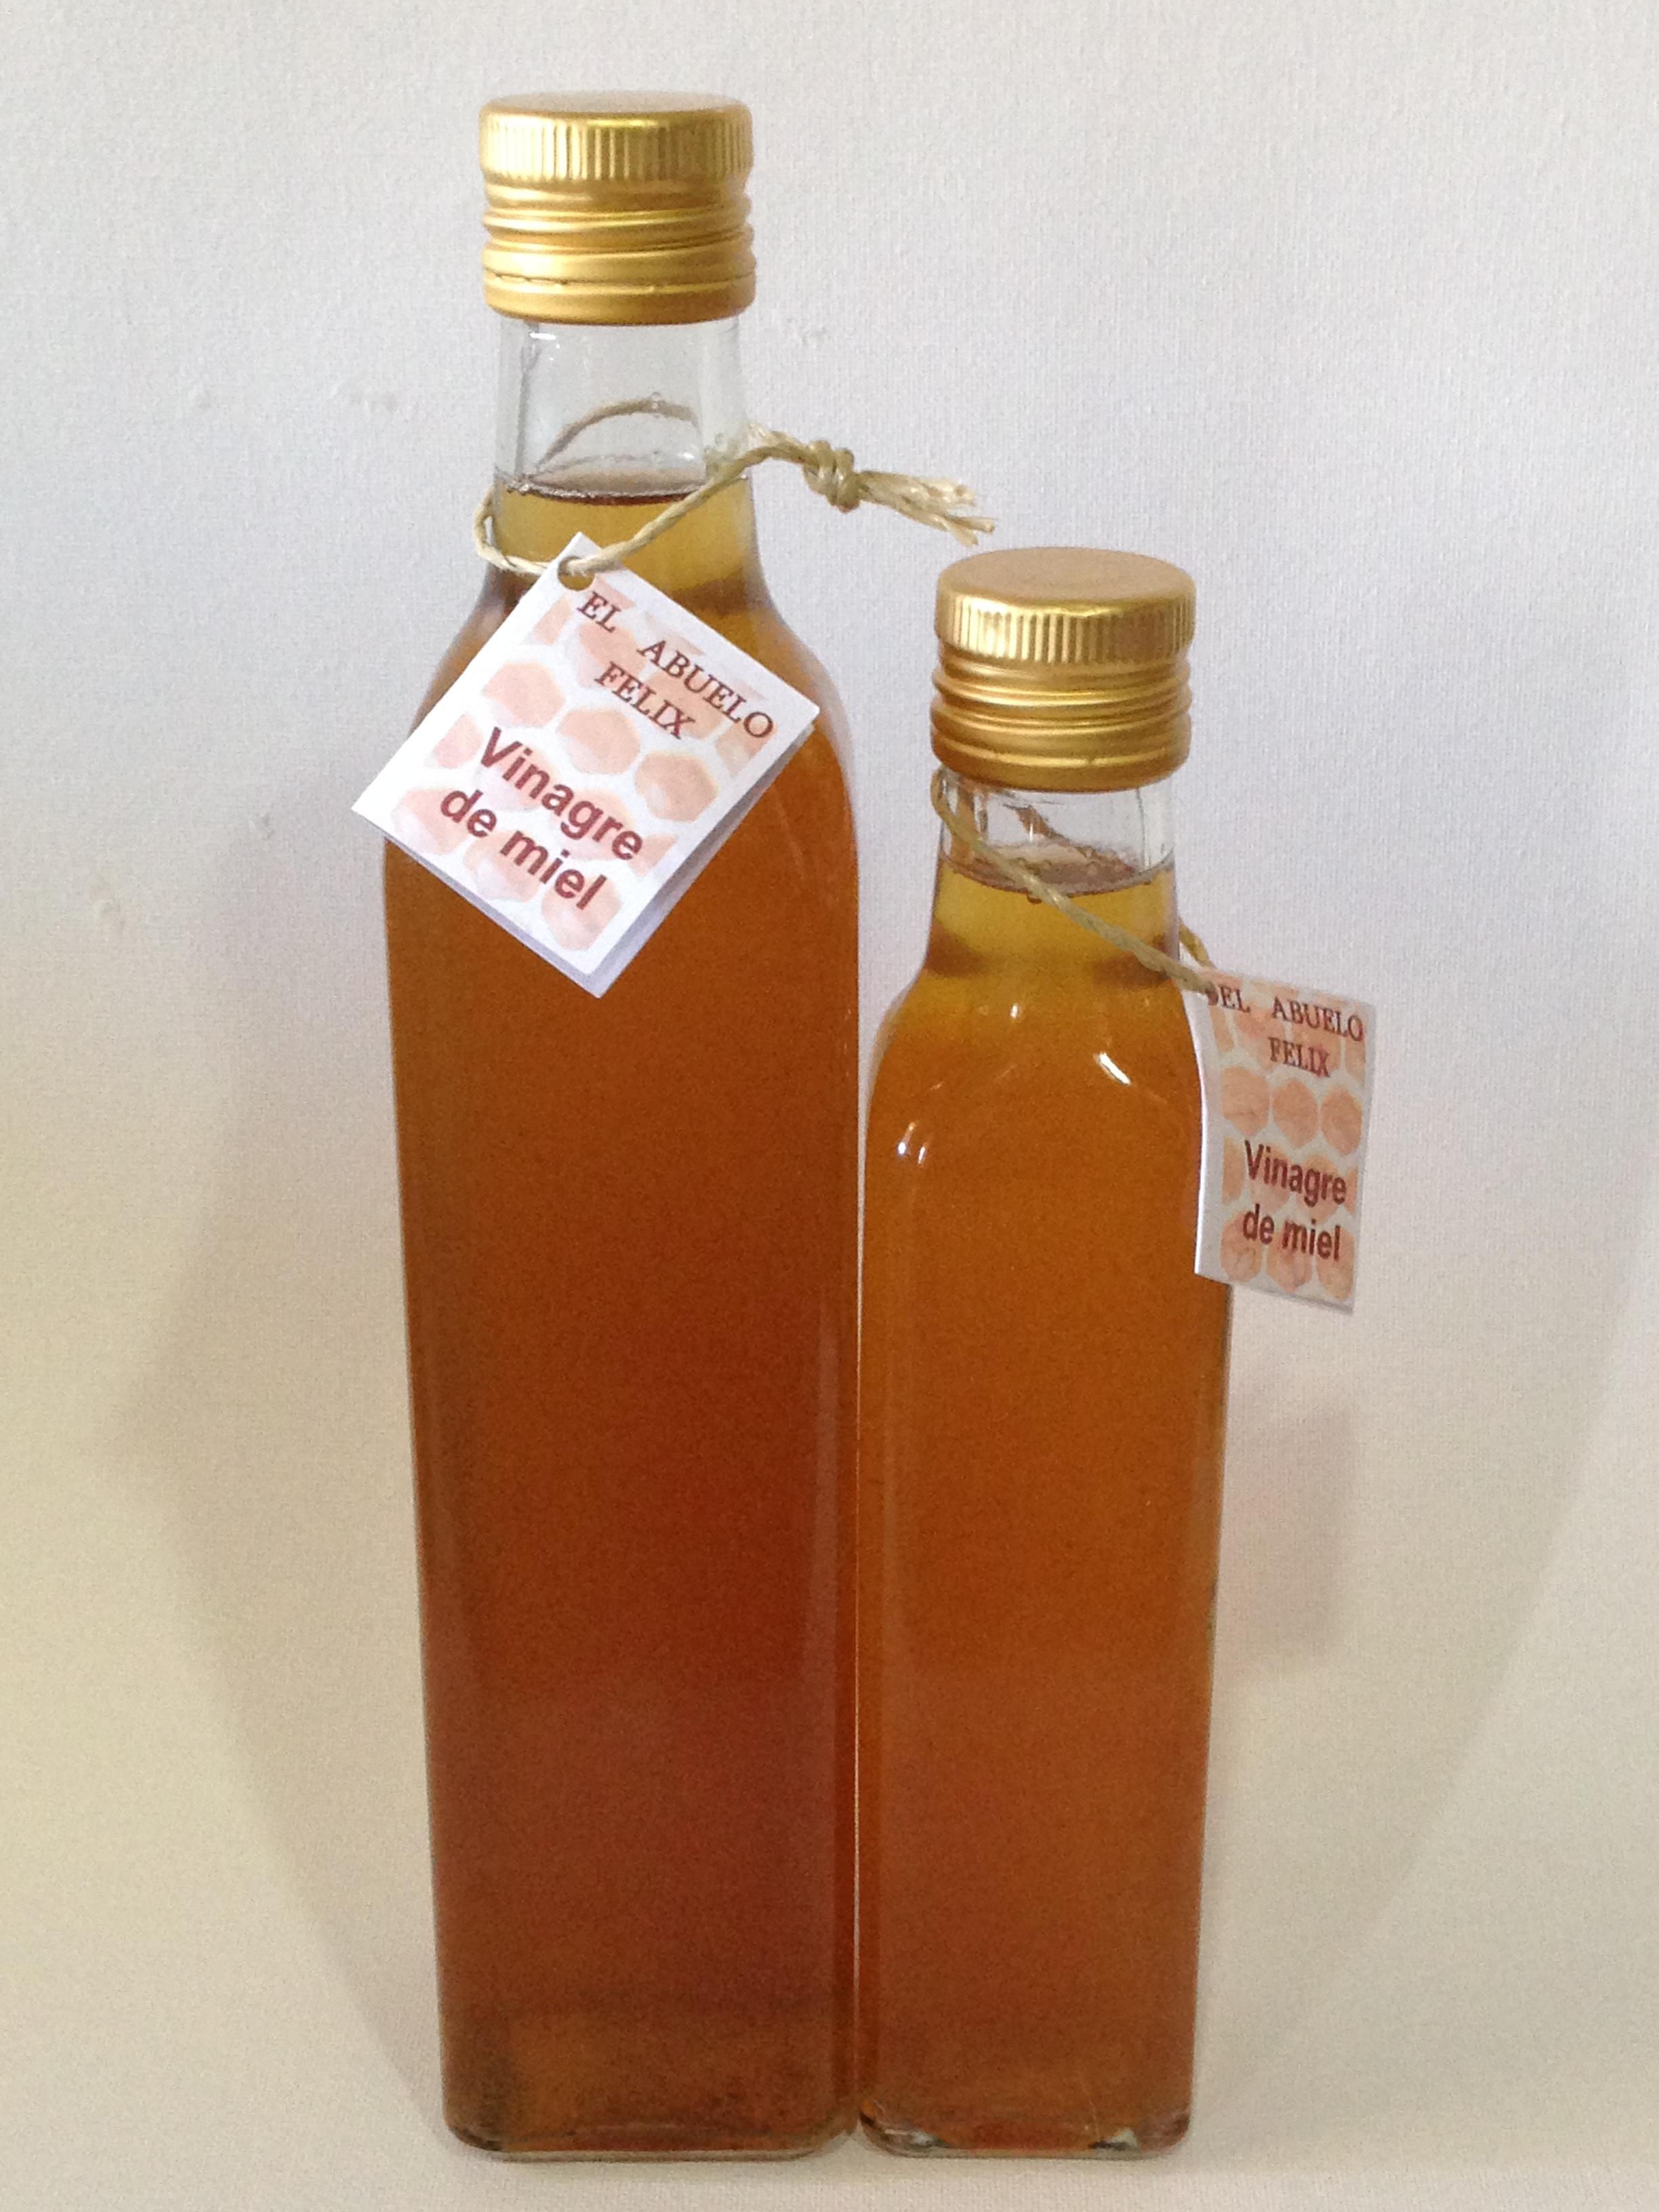 VINAGRE de miel 250 y 500.jpg